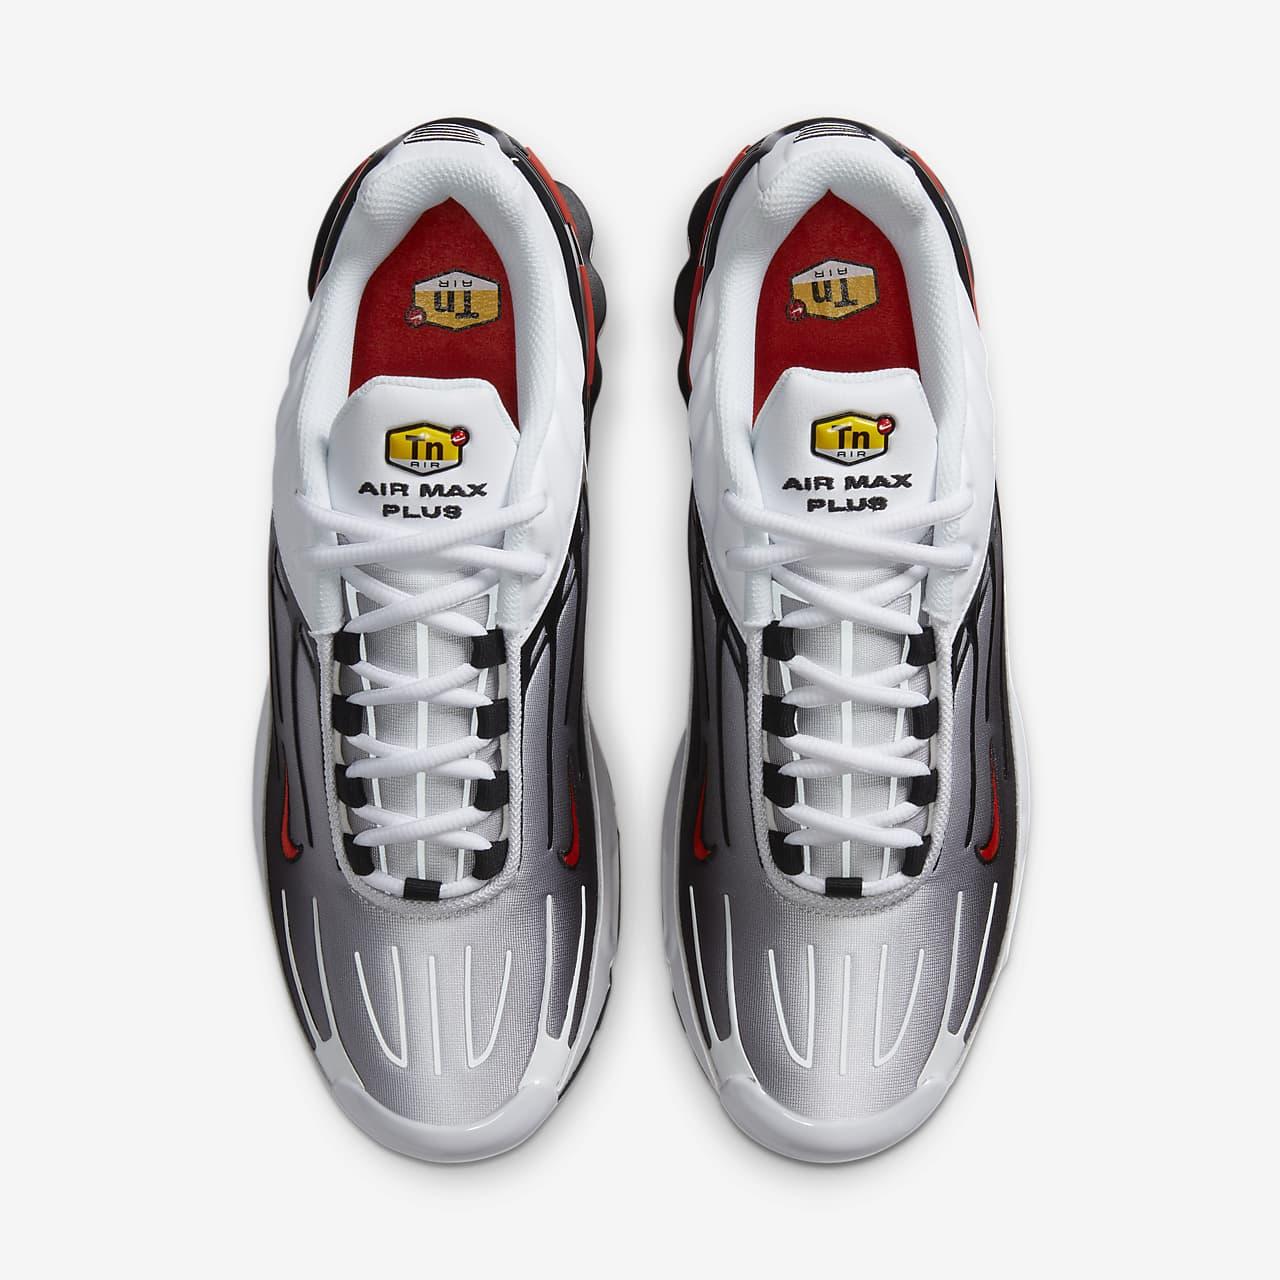 유럽직배송 나이키 NIKE Nike Air Max Plus 3 Men's Shoe CK6715-101